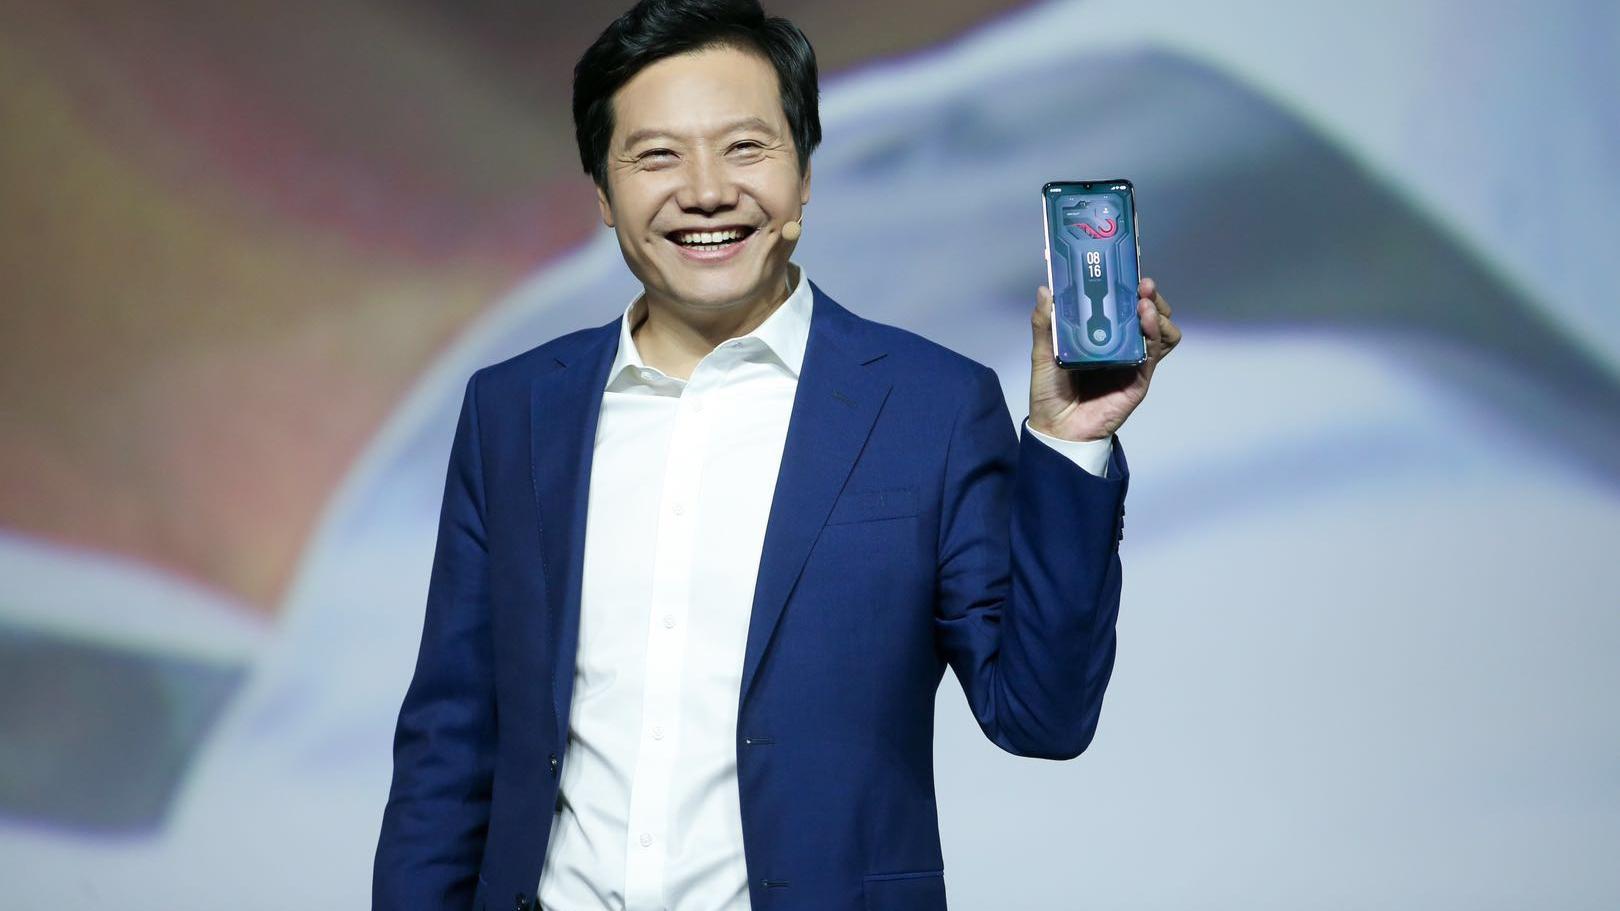 小米正式宣布13款机型开启MIUI12稳定版,你的手机有份吗?